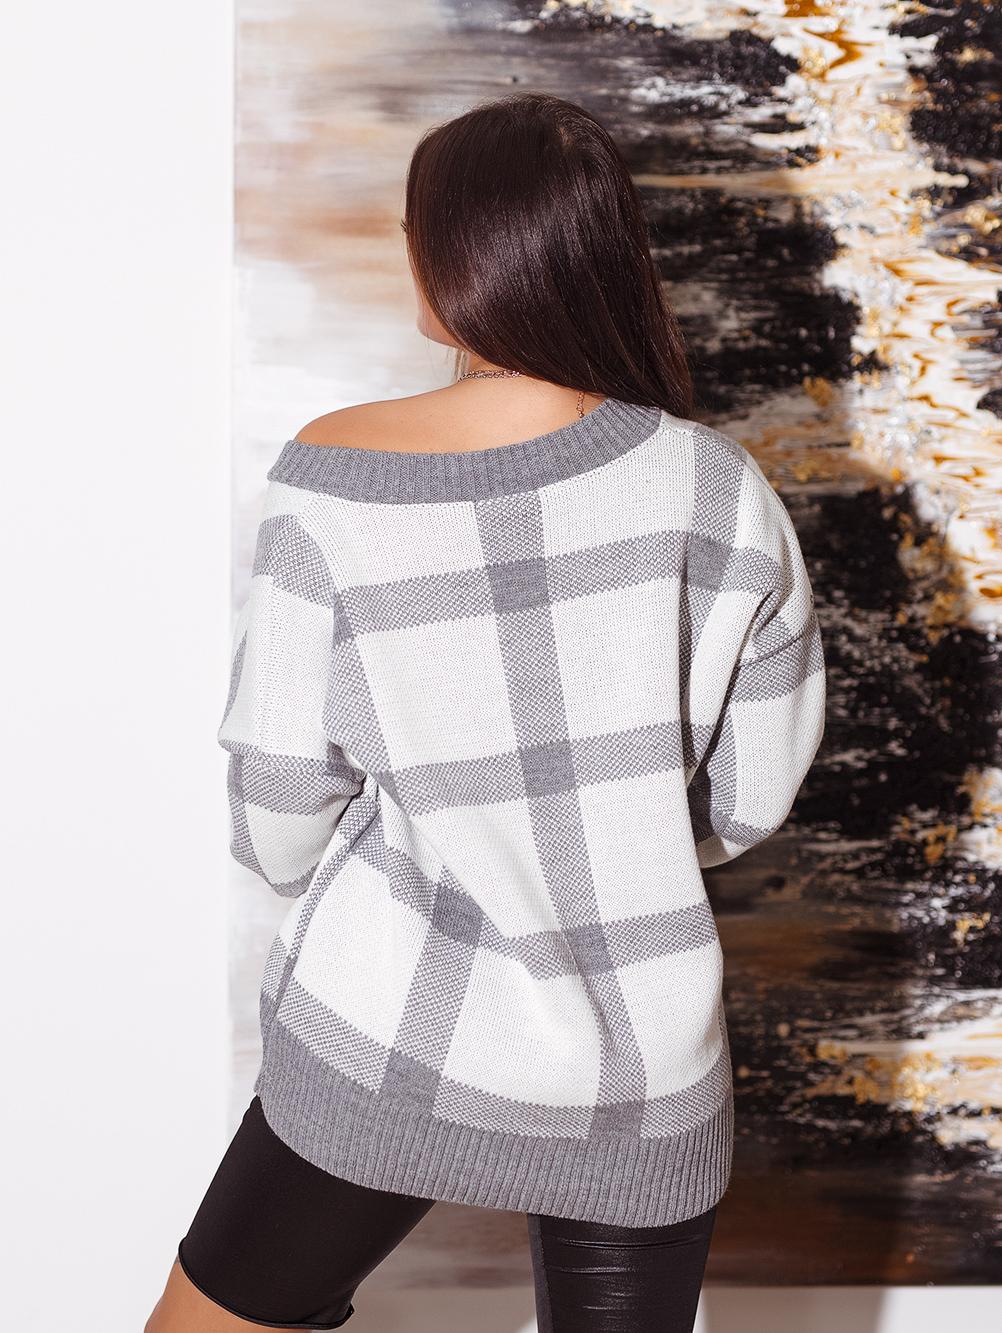 bialo-szary-sweter-damski-z-dekoltem-w-v-w-krate (1)